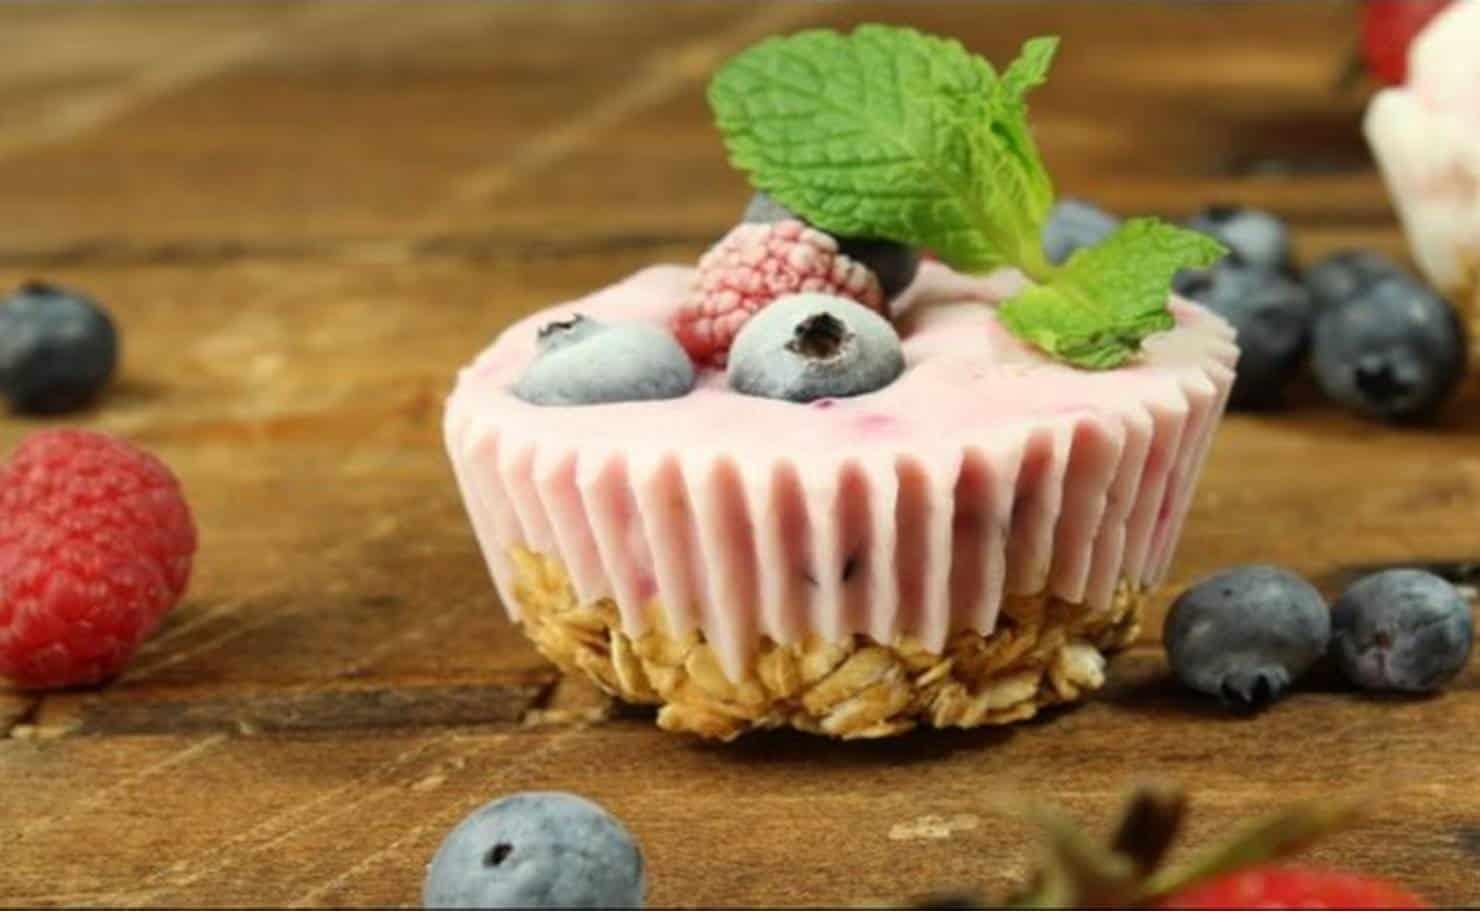 Cupcakes de Iogurte Decorado com Frutas e Folha de Hortelã